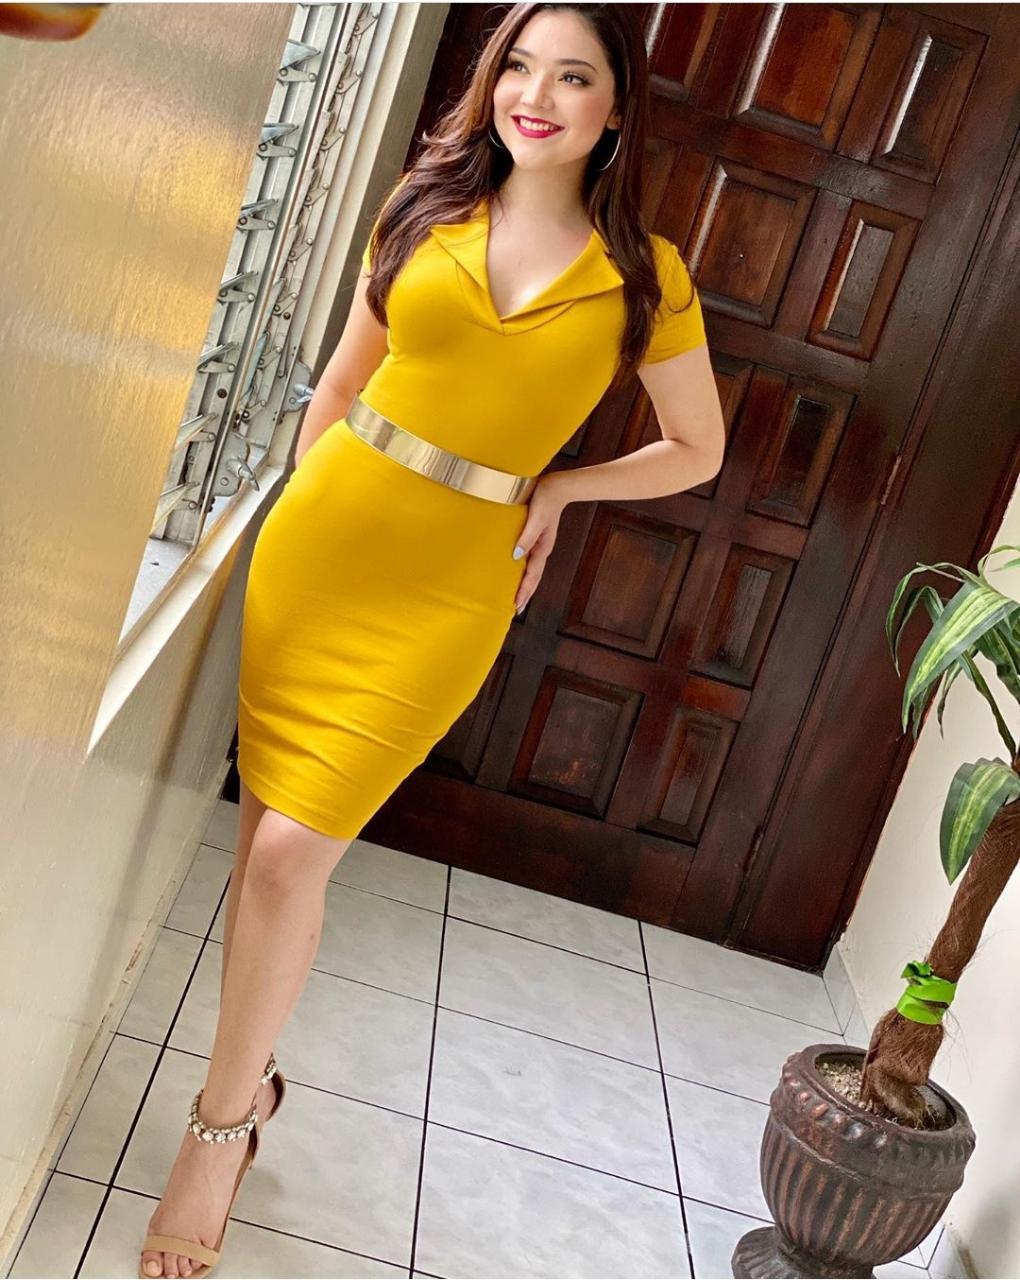 Web Famosas prendas amarillas01